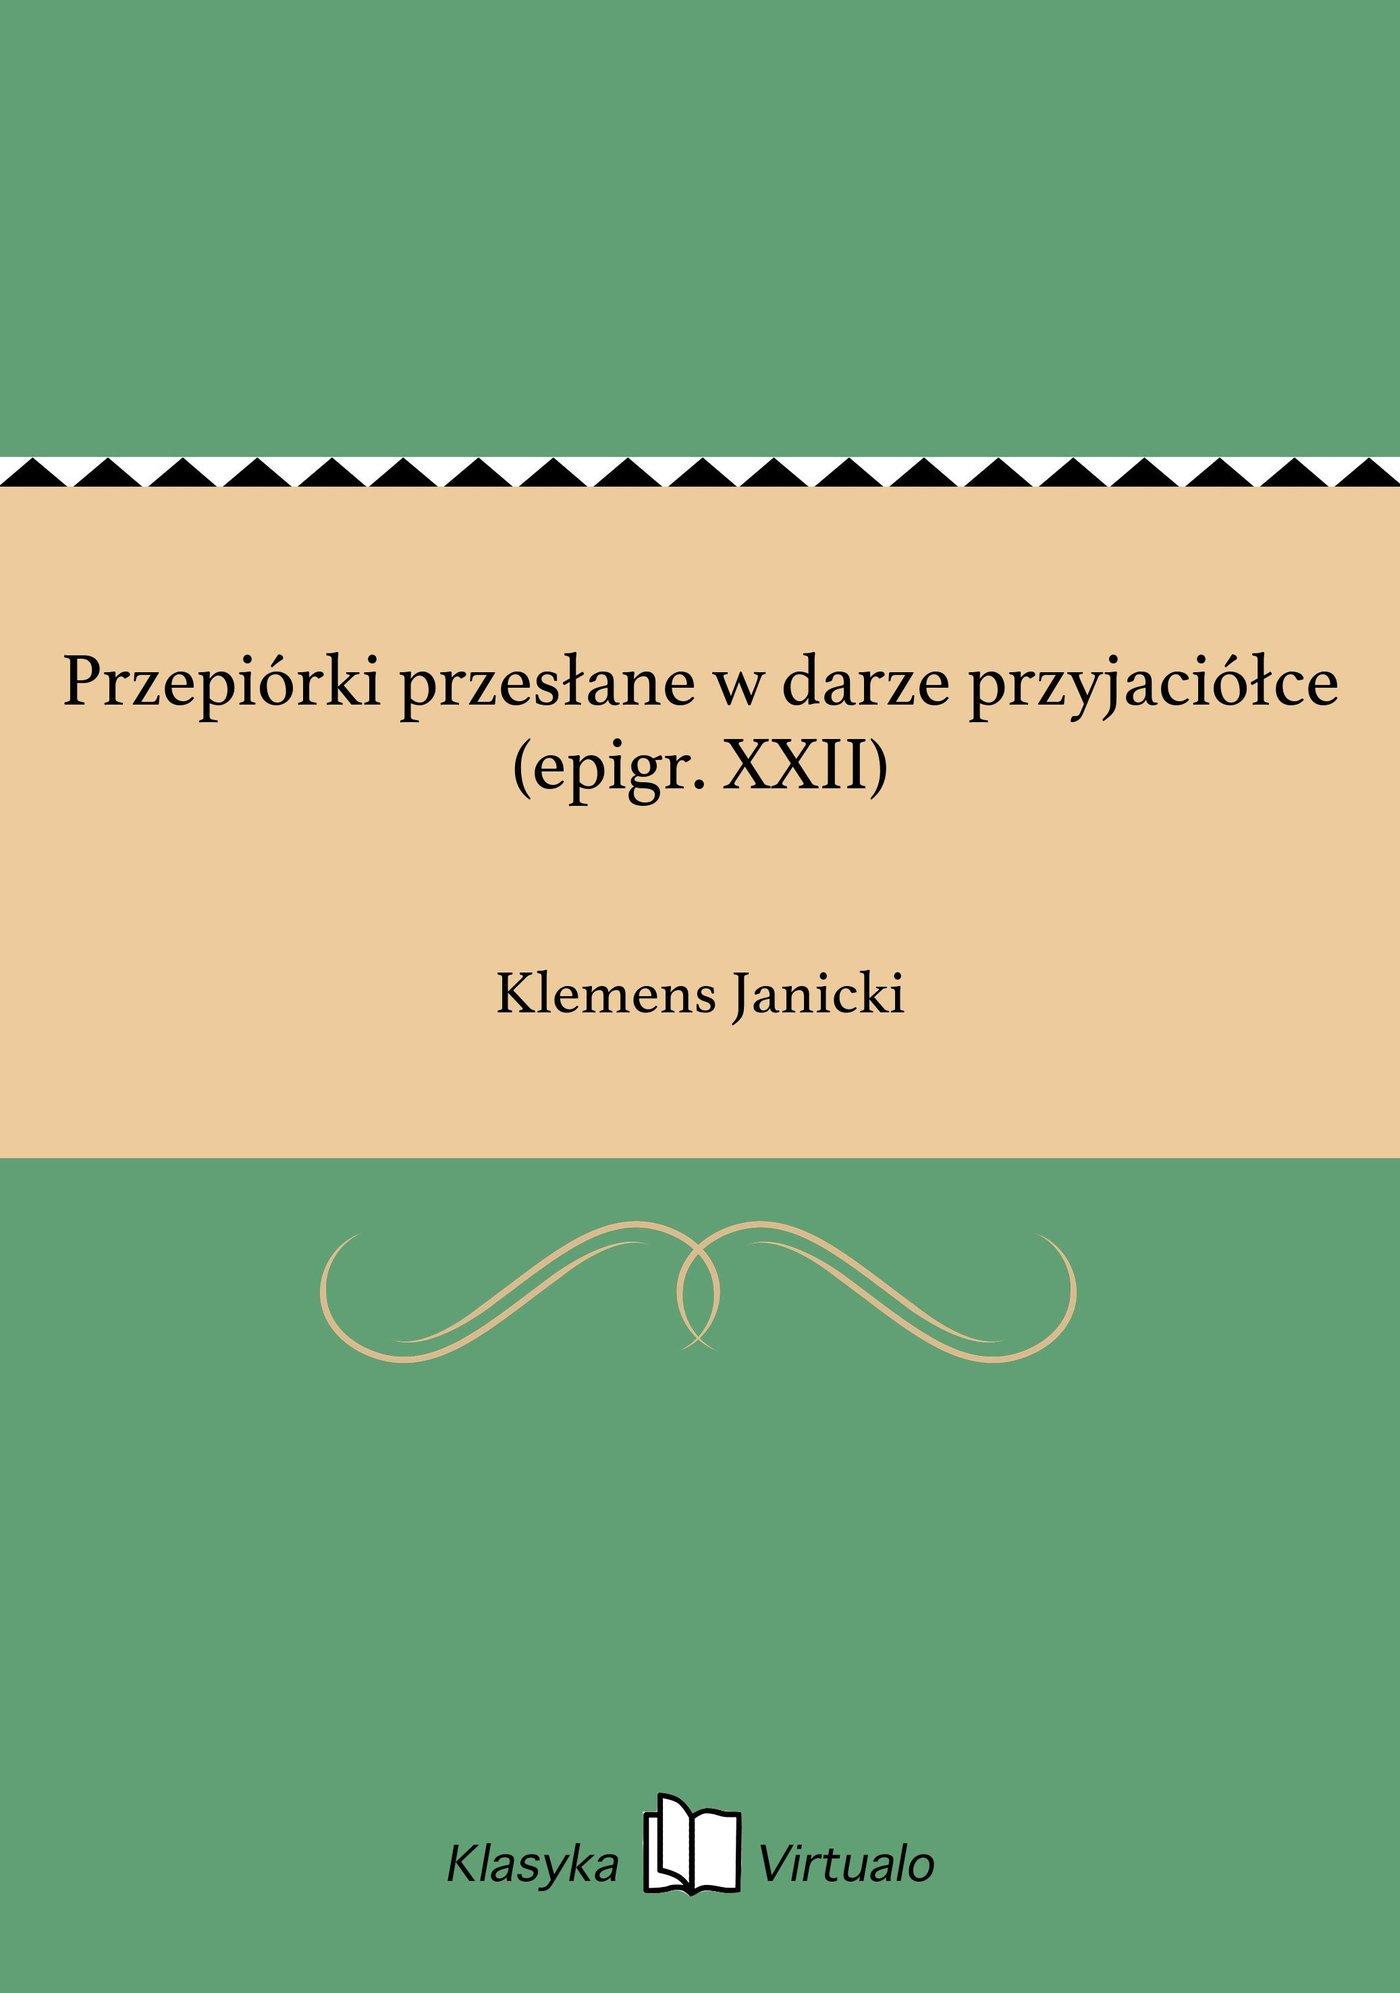 Przepiórki przesłane w darze przyjaciółce (epigr. XXII) - Ebook (Książka EPUB) do pobrania w formacie EPUB